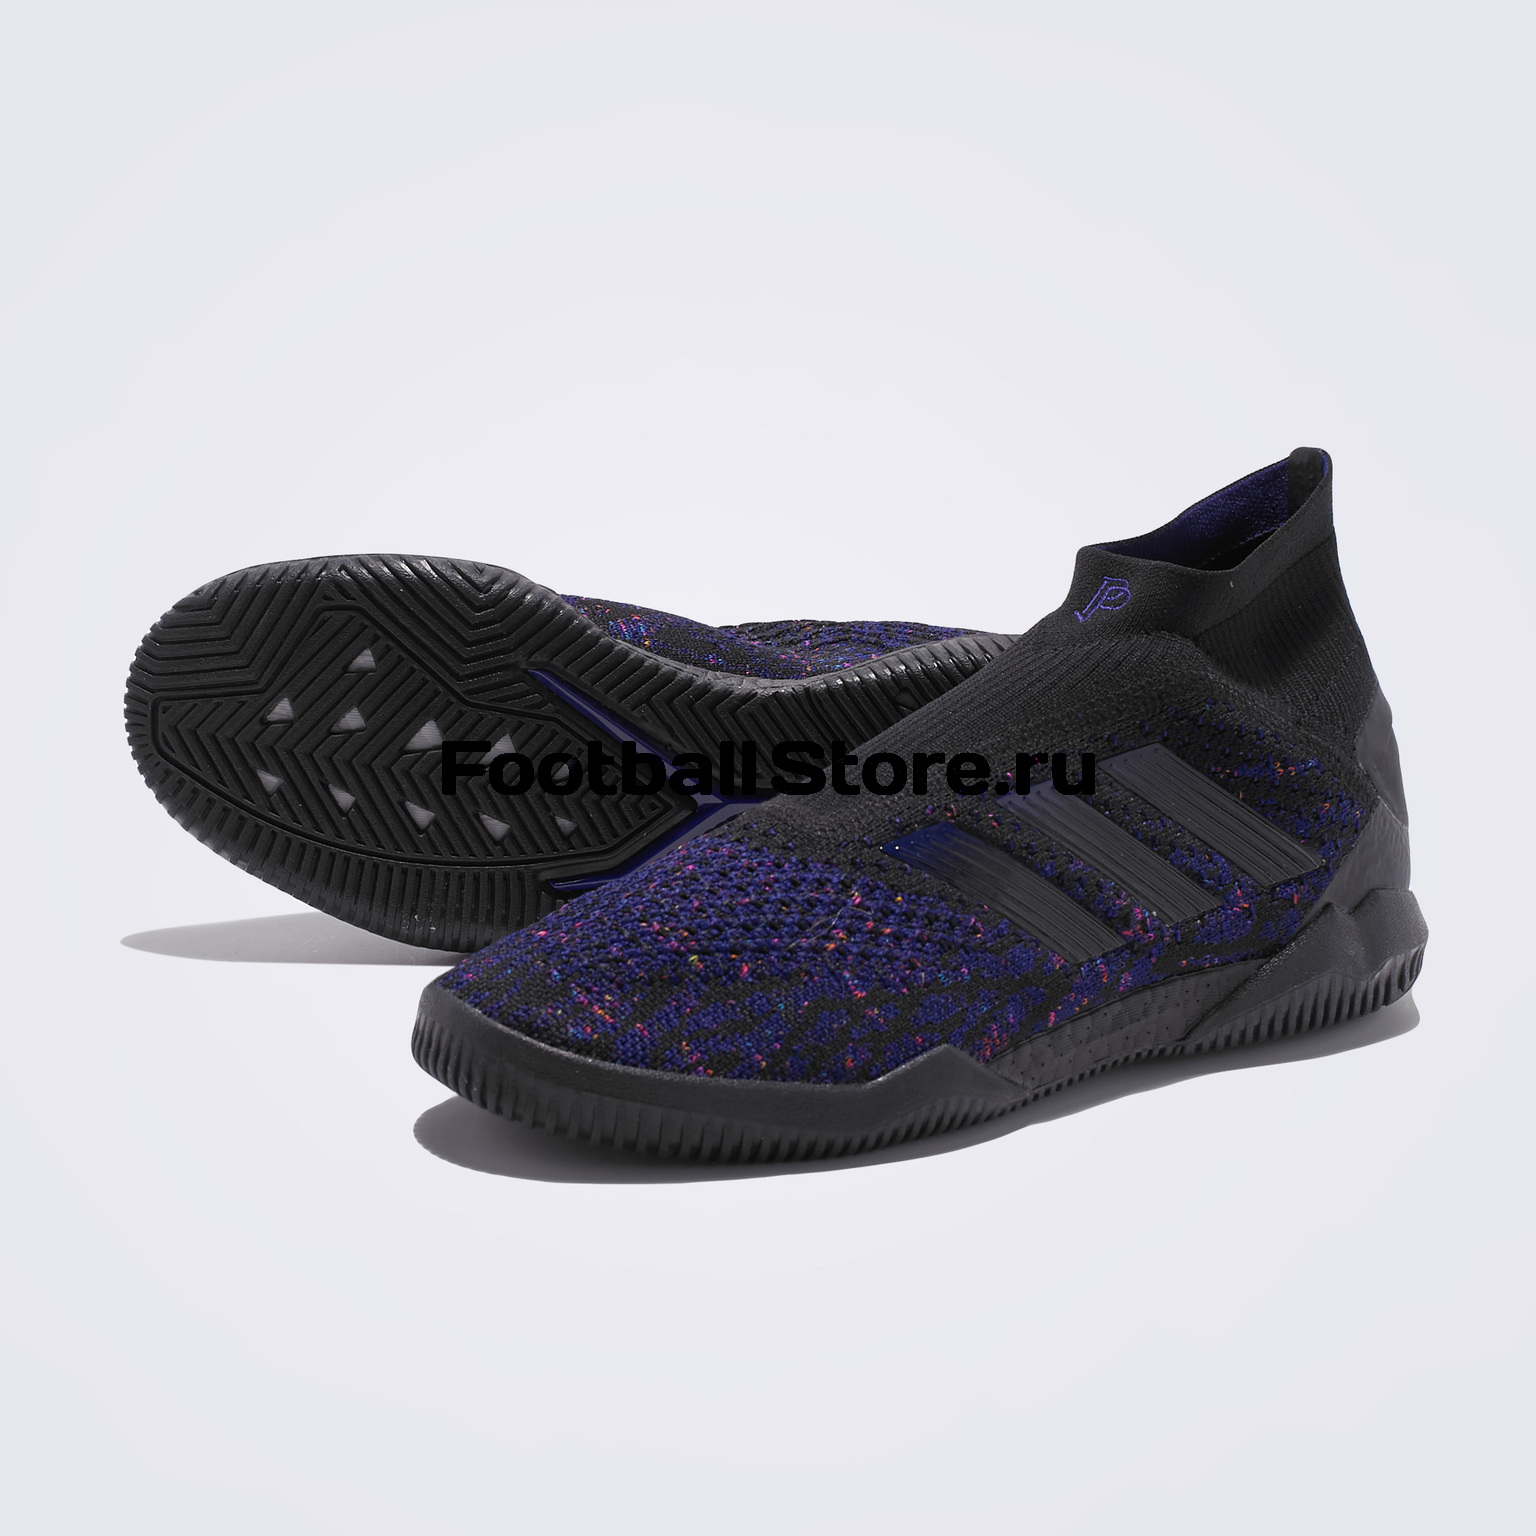 Футбольная обувь Adidas Predator 19+ TR PP EE7868